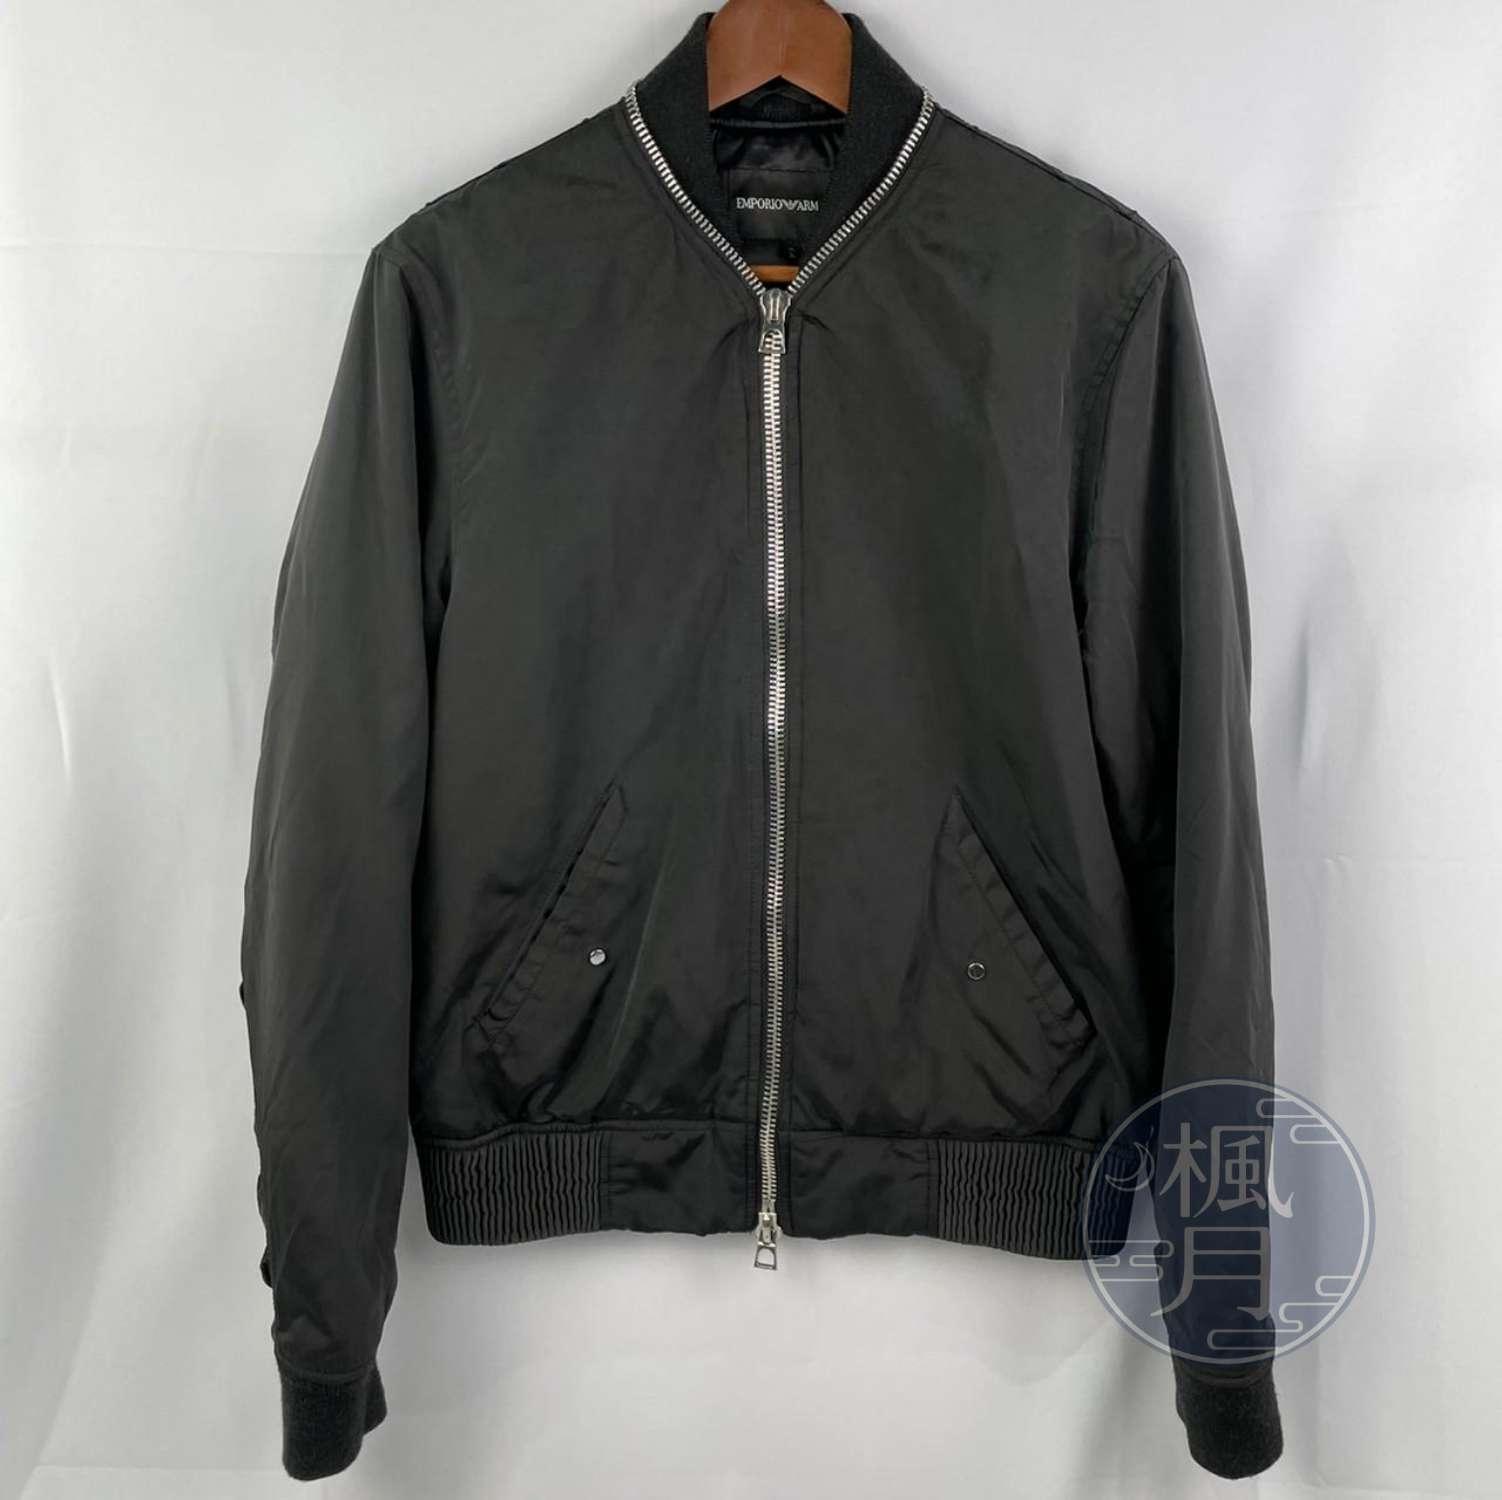 BRAND楓月 GIORGIO ARMANI 亞曼尼 黑色 尼龍 飛行外套 夾克 軍外套 拉鍊 中性 #XL